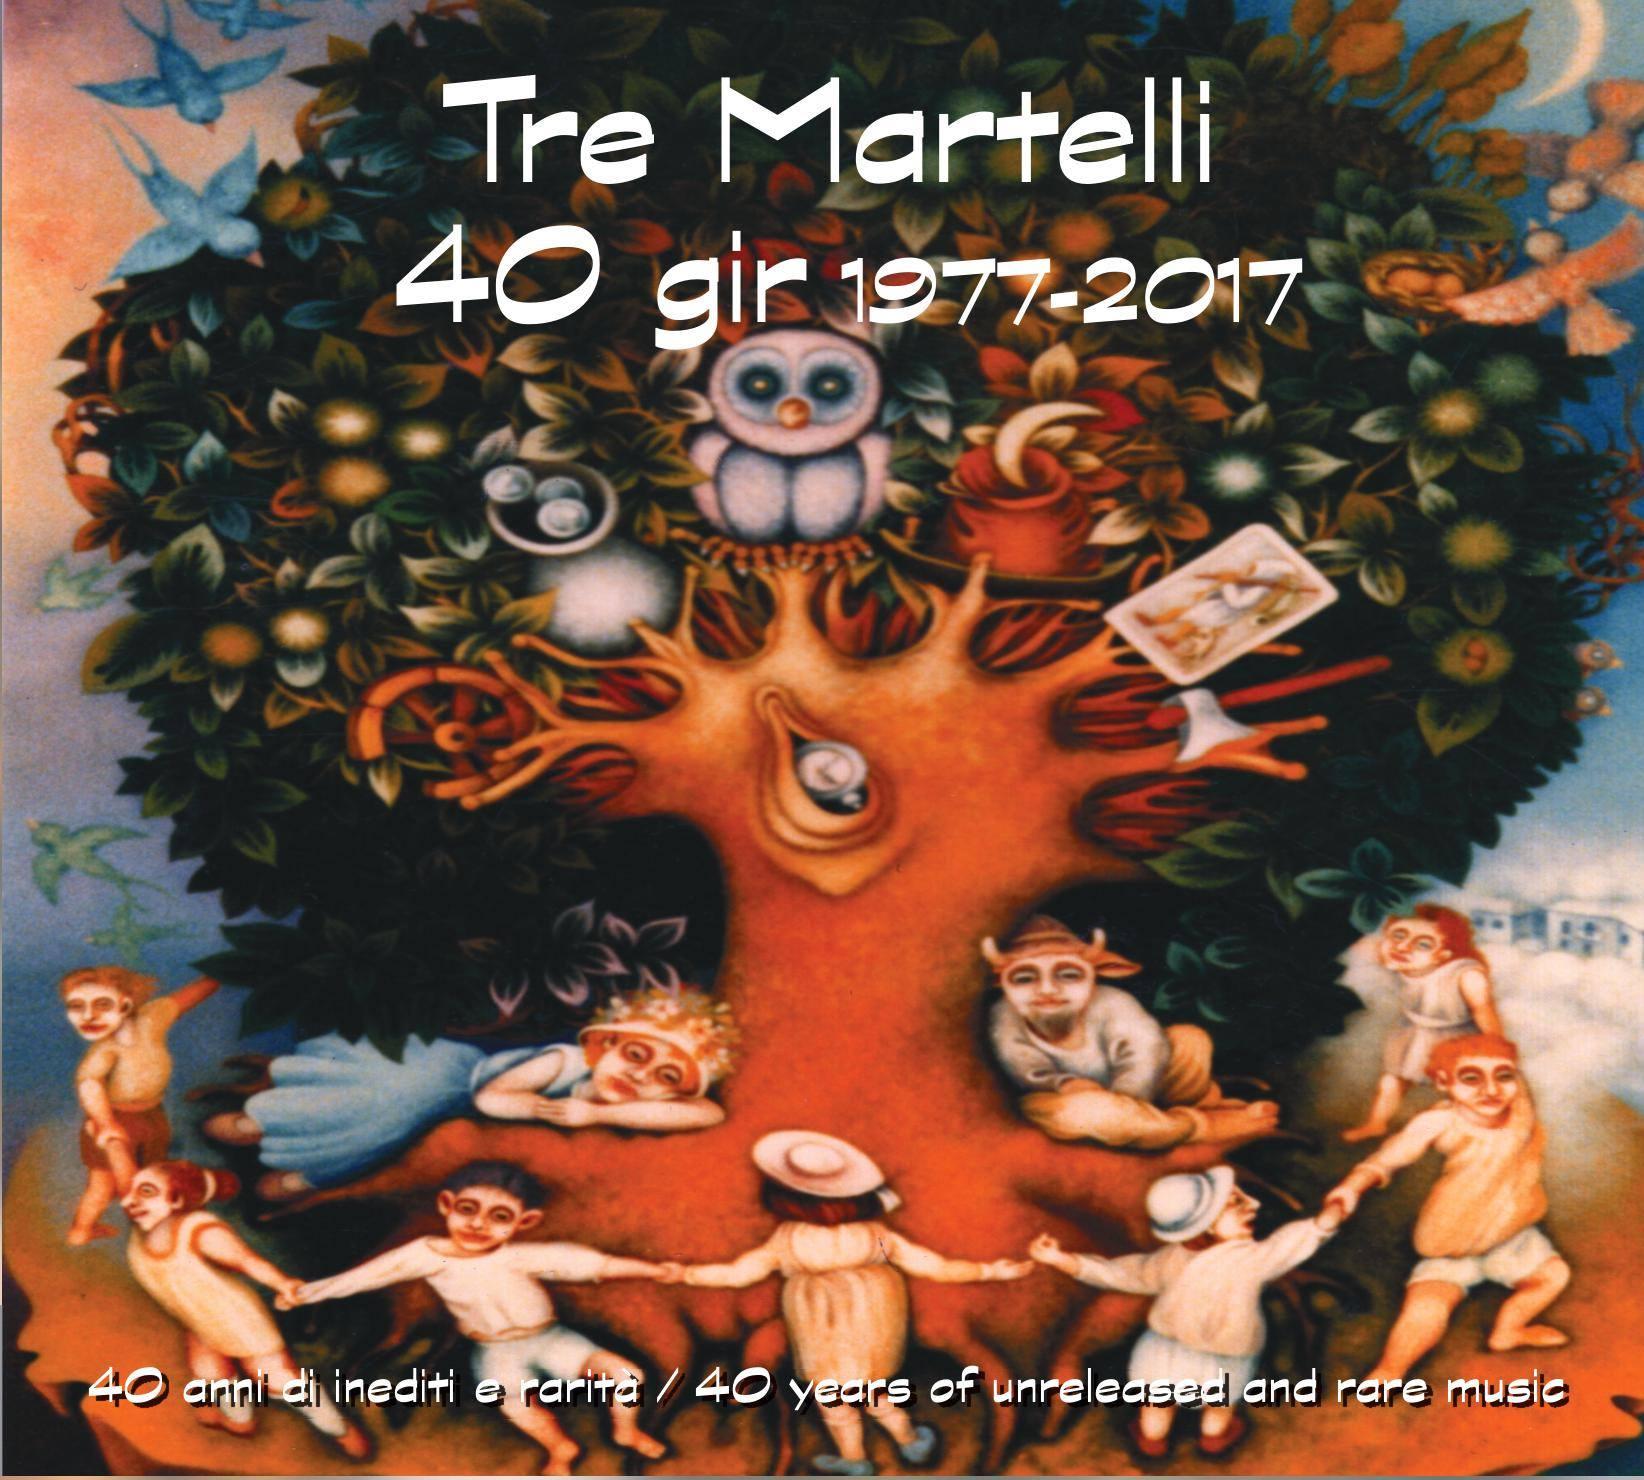 Tre Martelli 40 gir